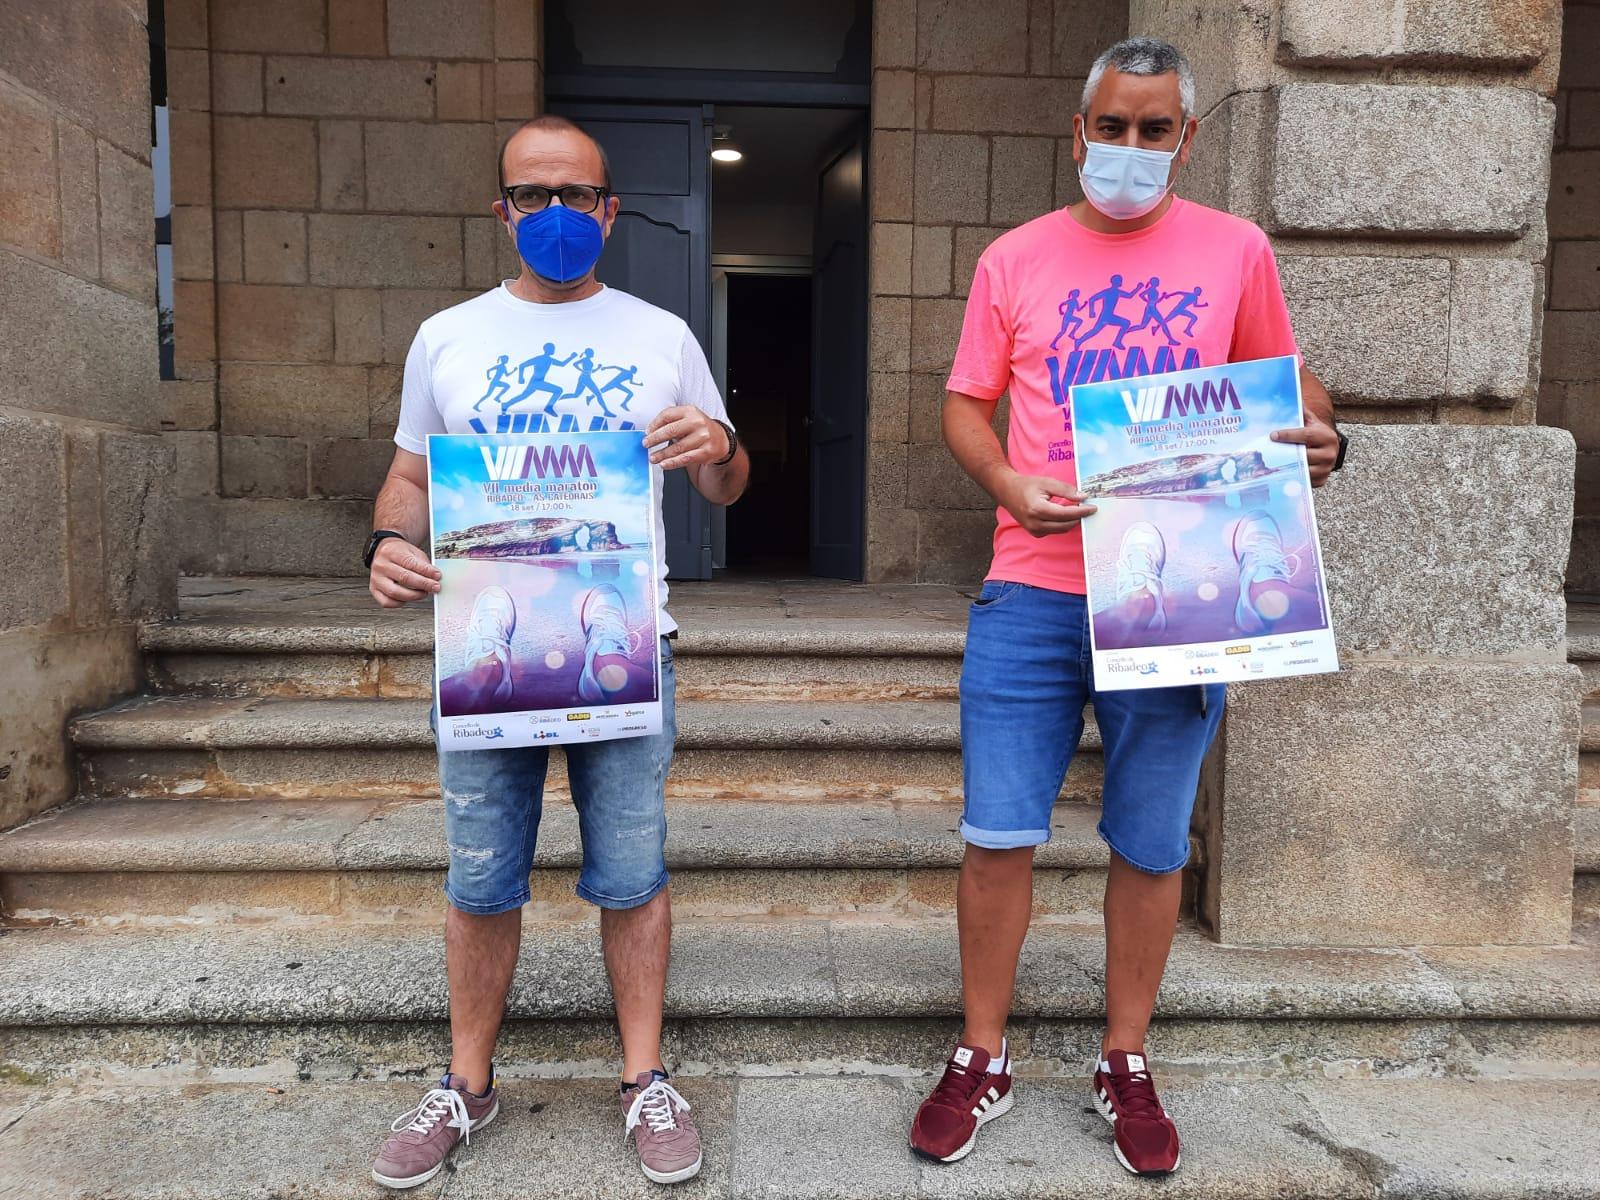 Aberta a inscrición para a sétima Media Maratón Ribadeo-As Catedrais que terá lugar o 18 de setembro